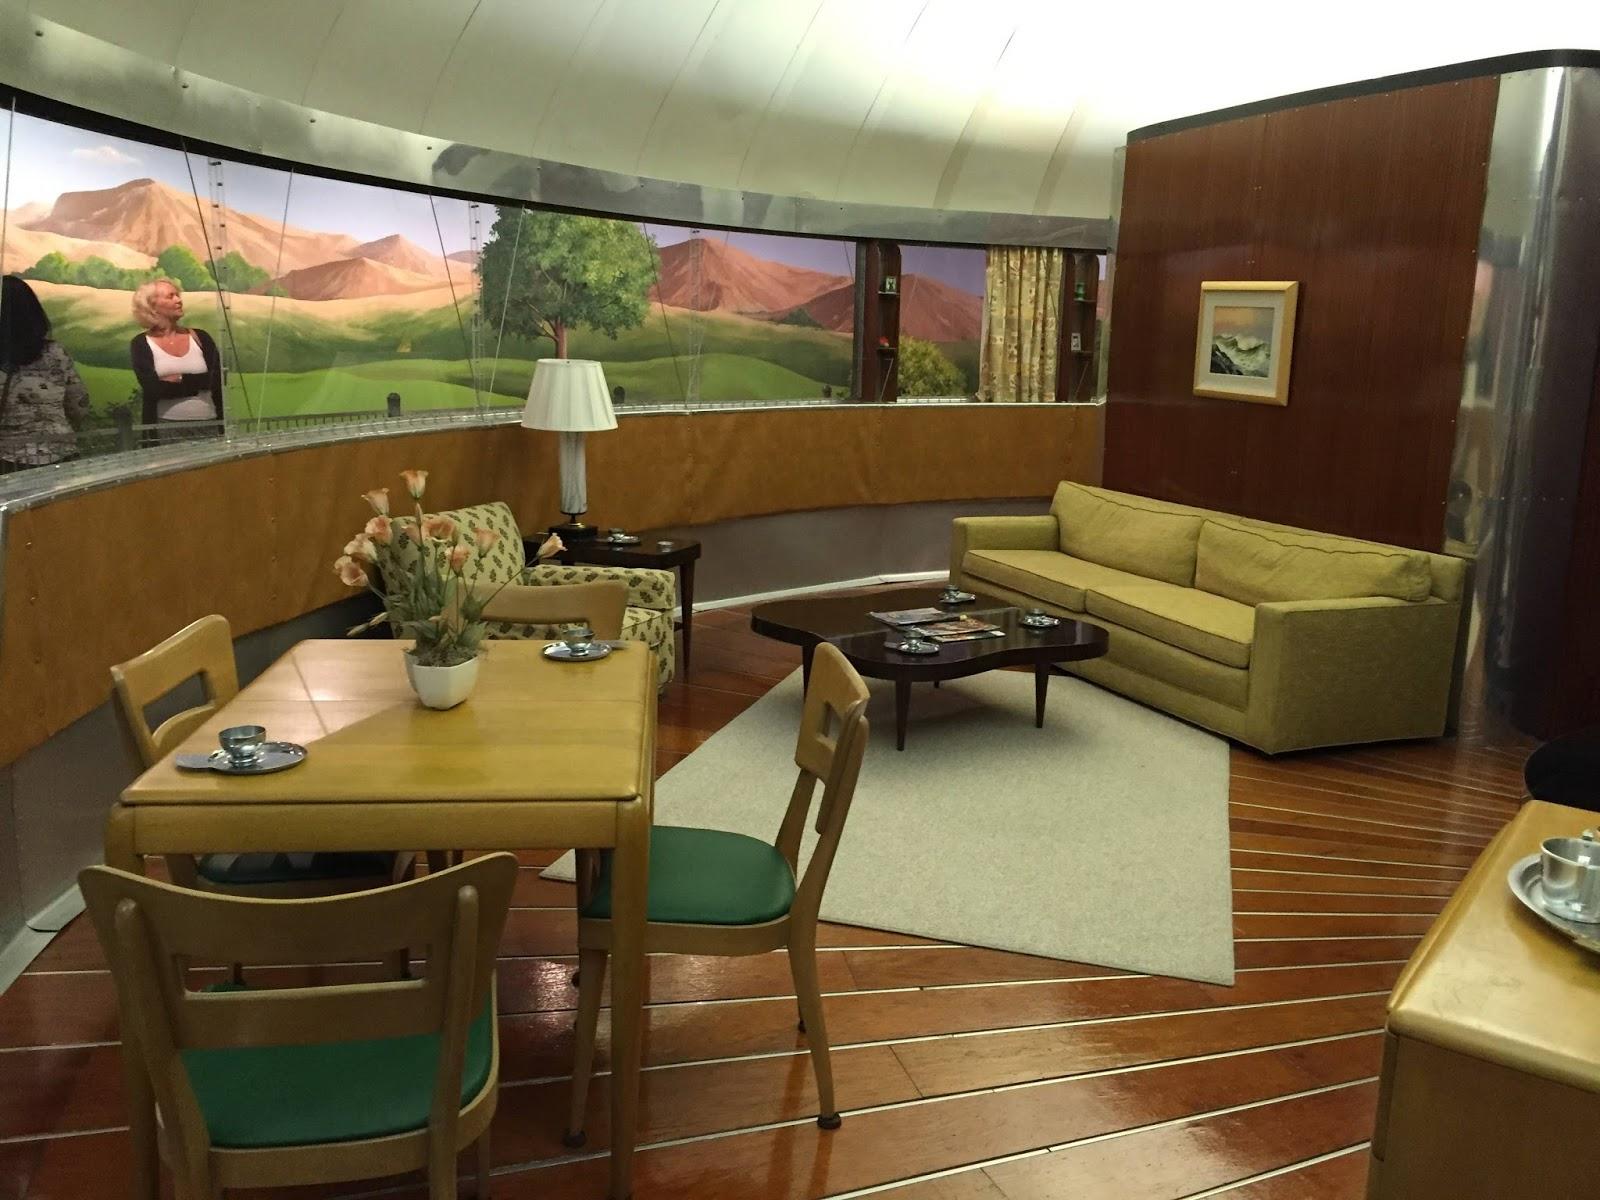 Nag On The Lake Buckminster Fuller 39 S Dymaxion House